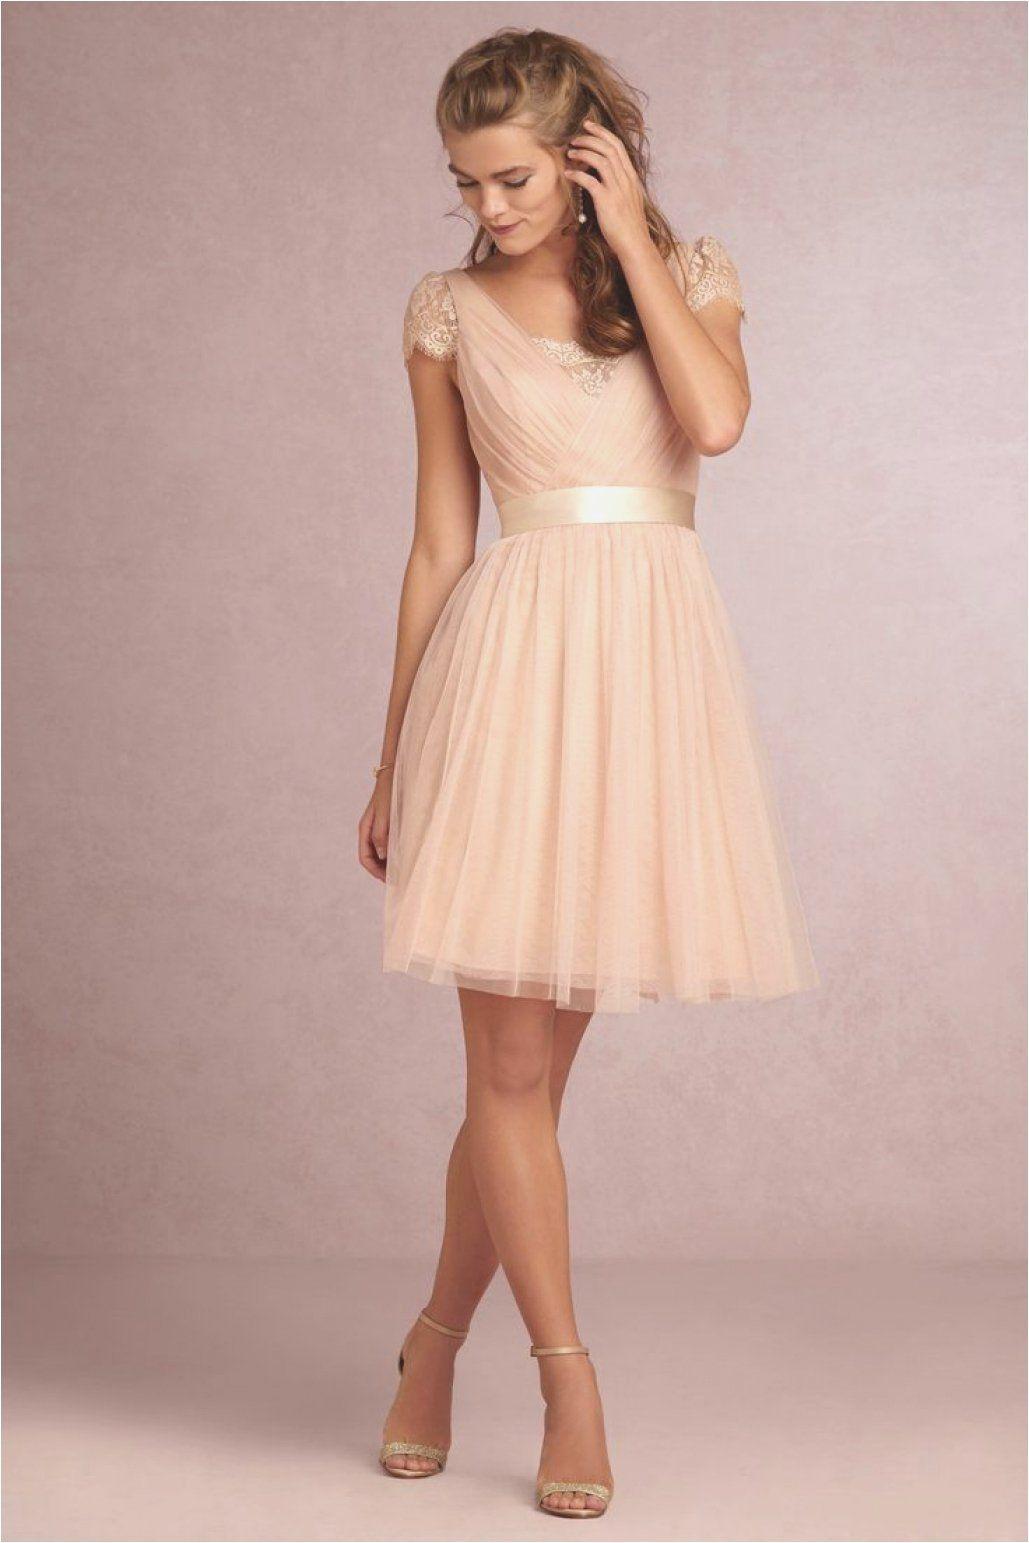 kleider hochzeit gast - Top Modische Kleider  Kleid hochzeit gast